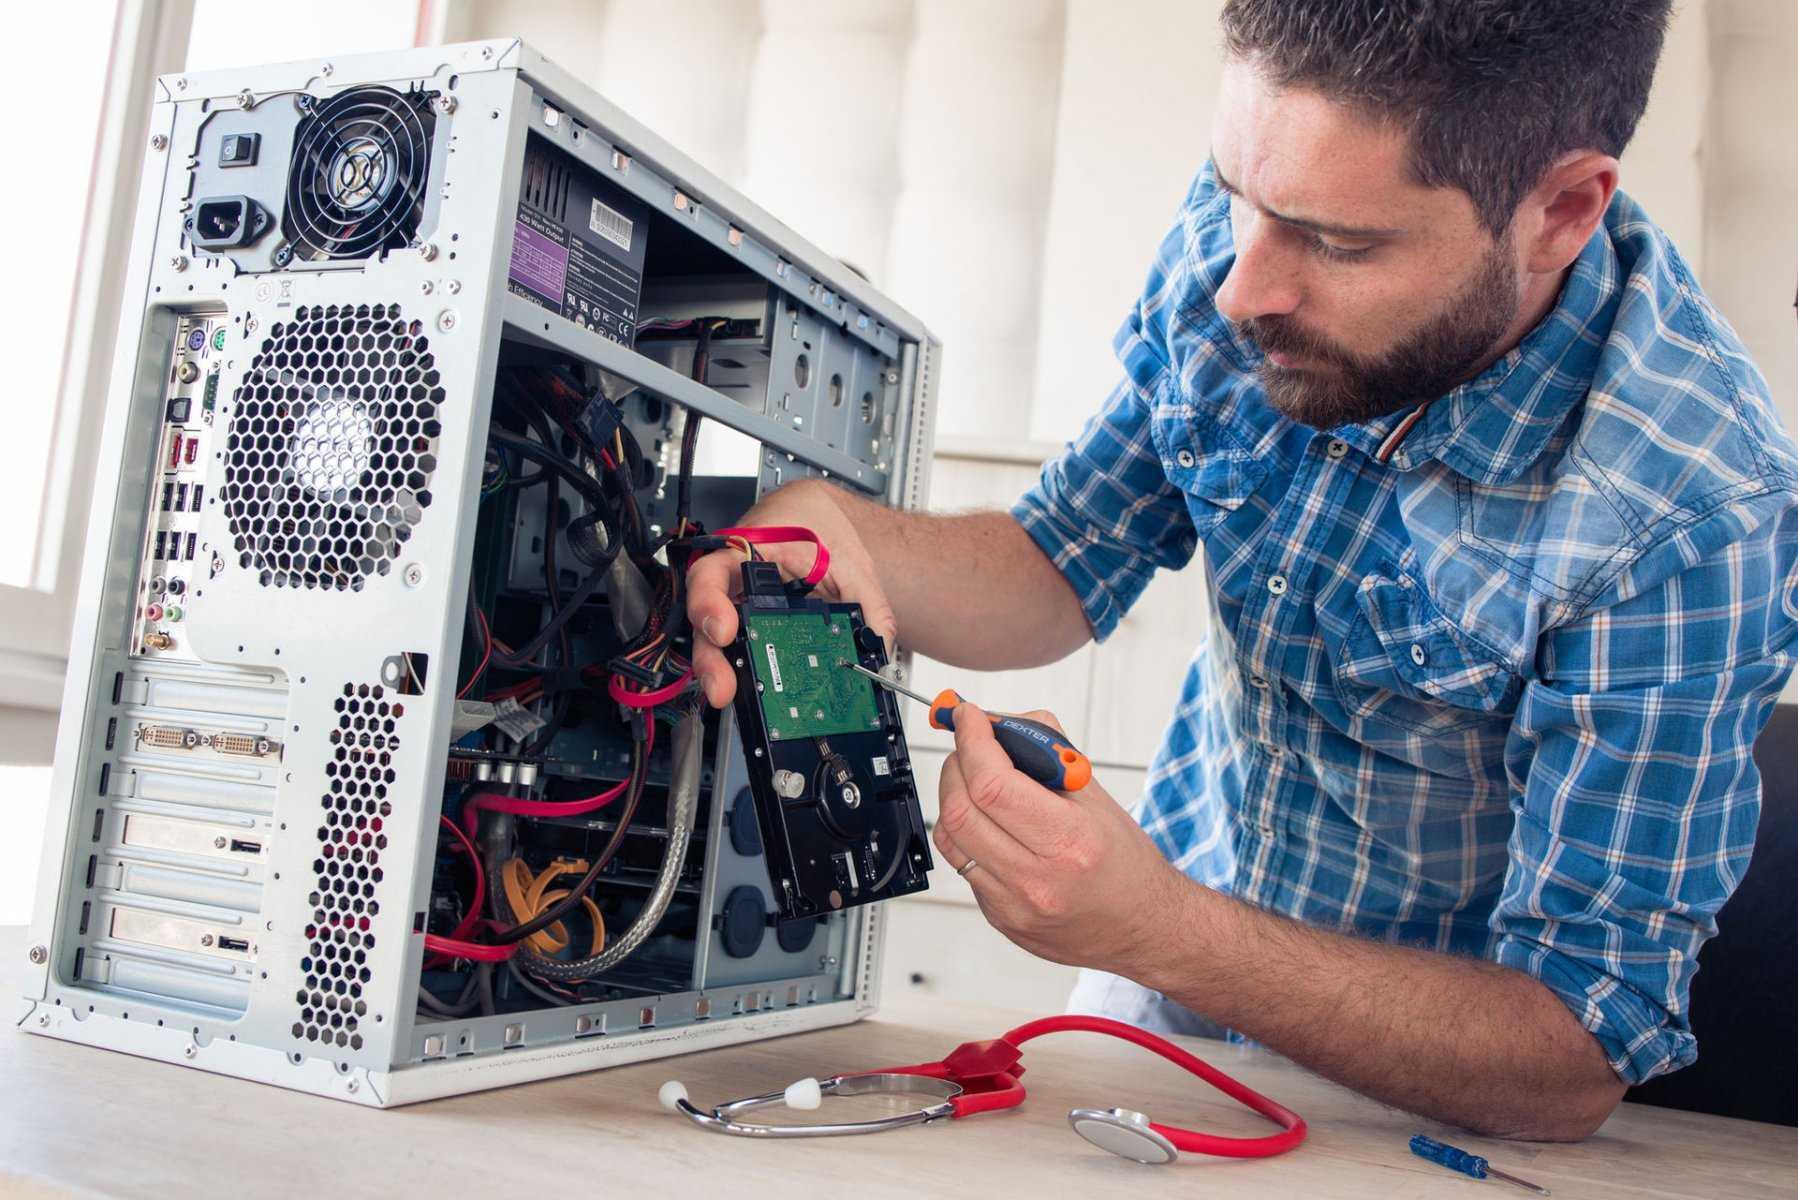 Корпоративный компьютер для работы в офисе - бренд или самосбор?